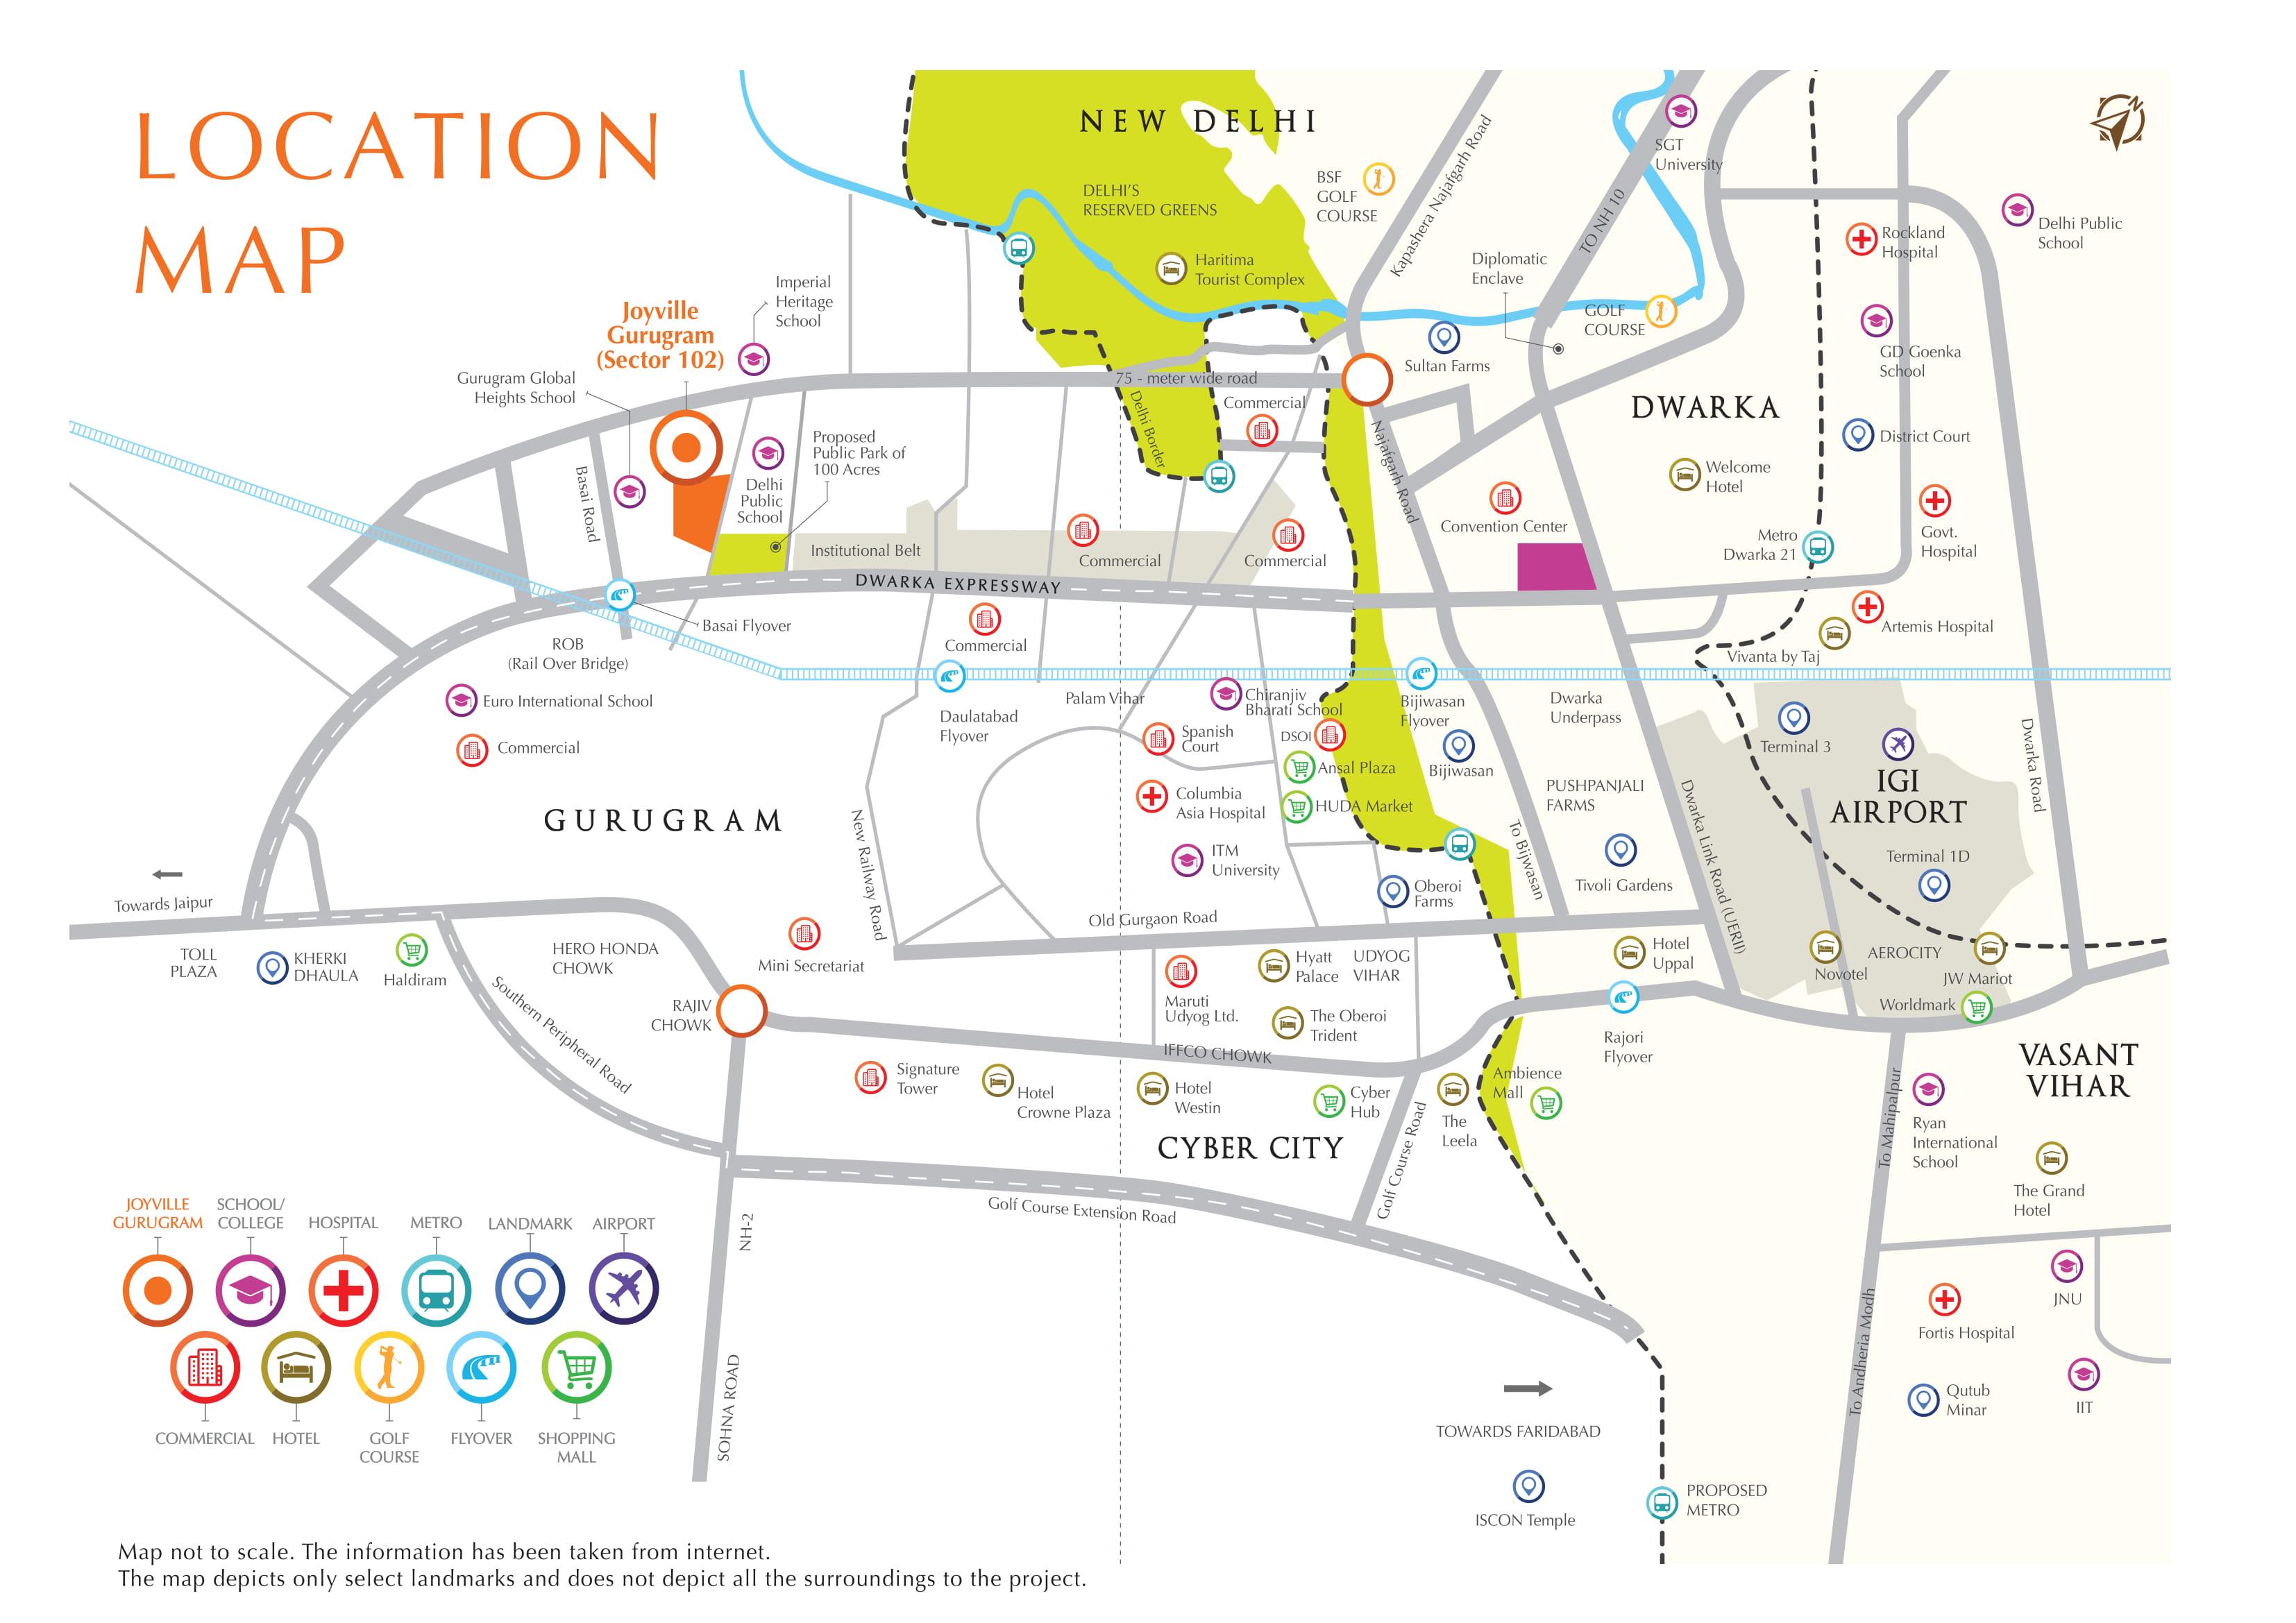 Shapoorji Pallonji Joyville Layout Plan